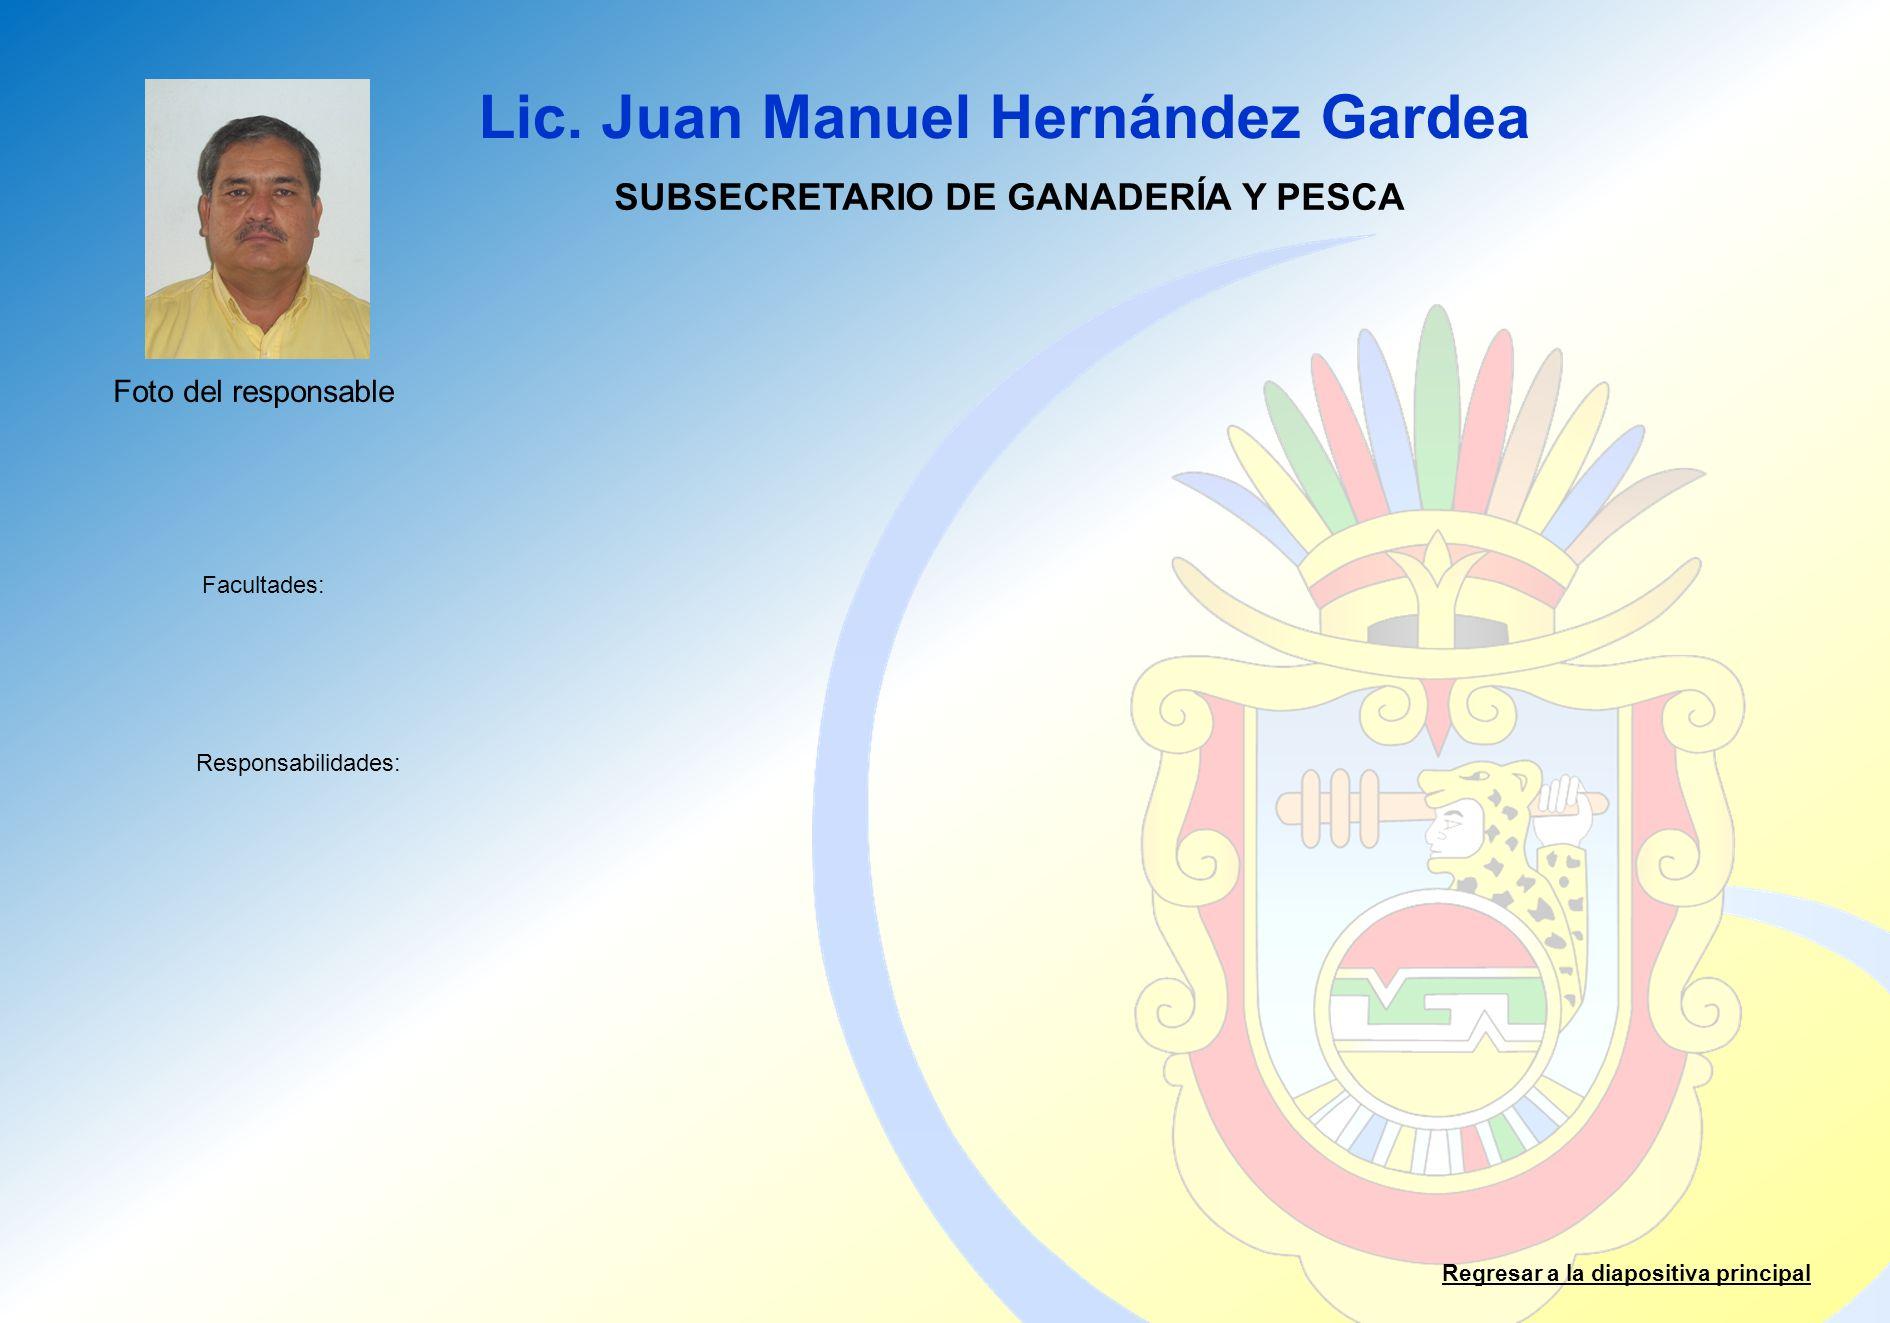 SUBSECRETARIO DE GANADERÍA Y PESCA